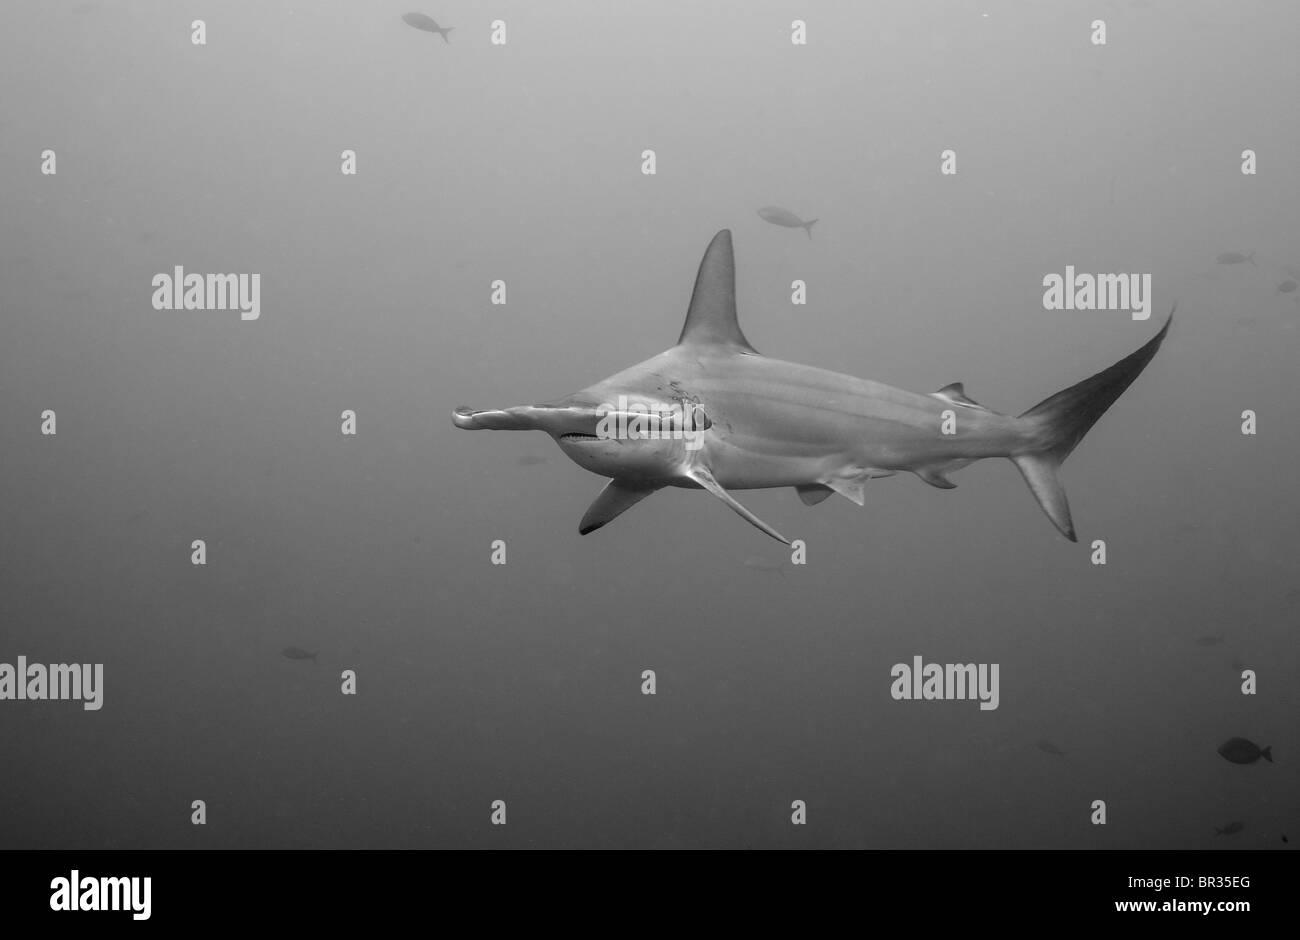 Ziemlich Hammerhai Hai Druckbare Malvorlagen Bilder - Malvorlagen ...